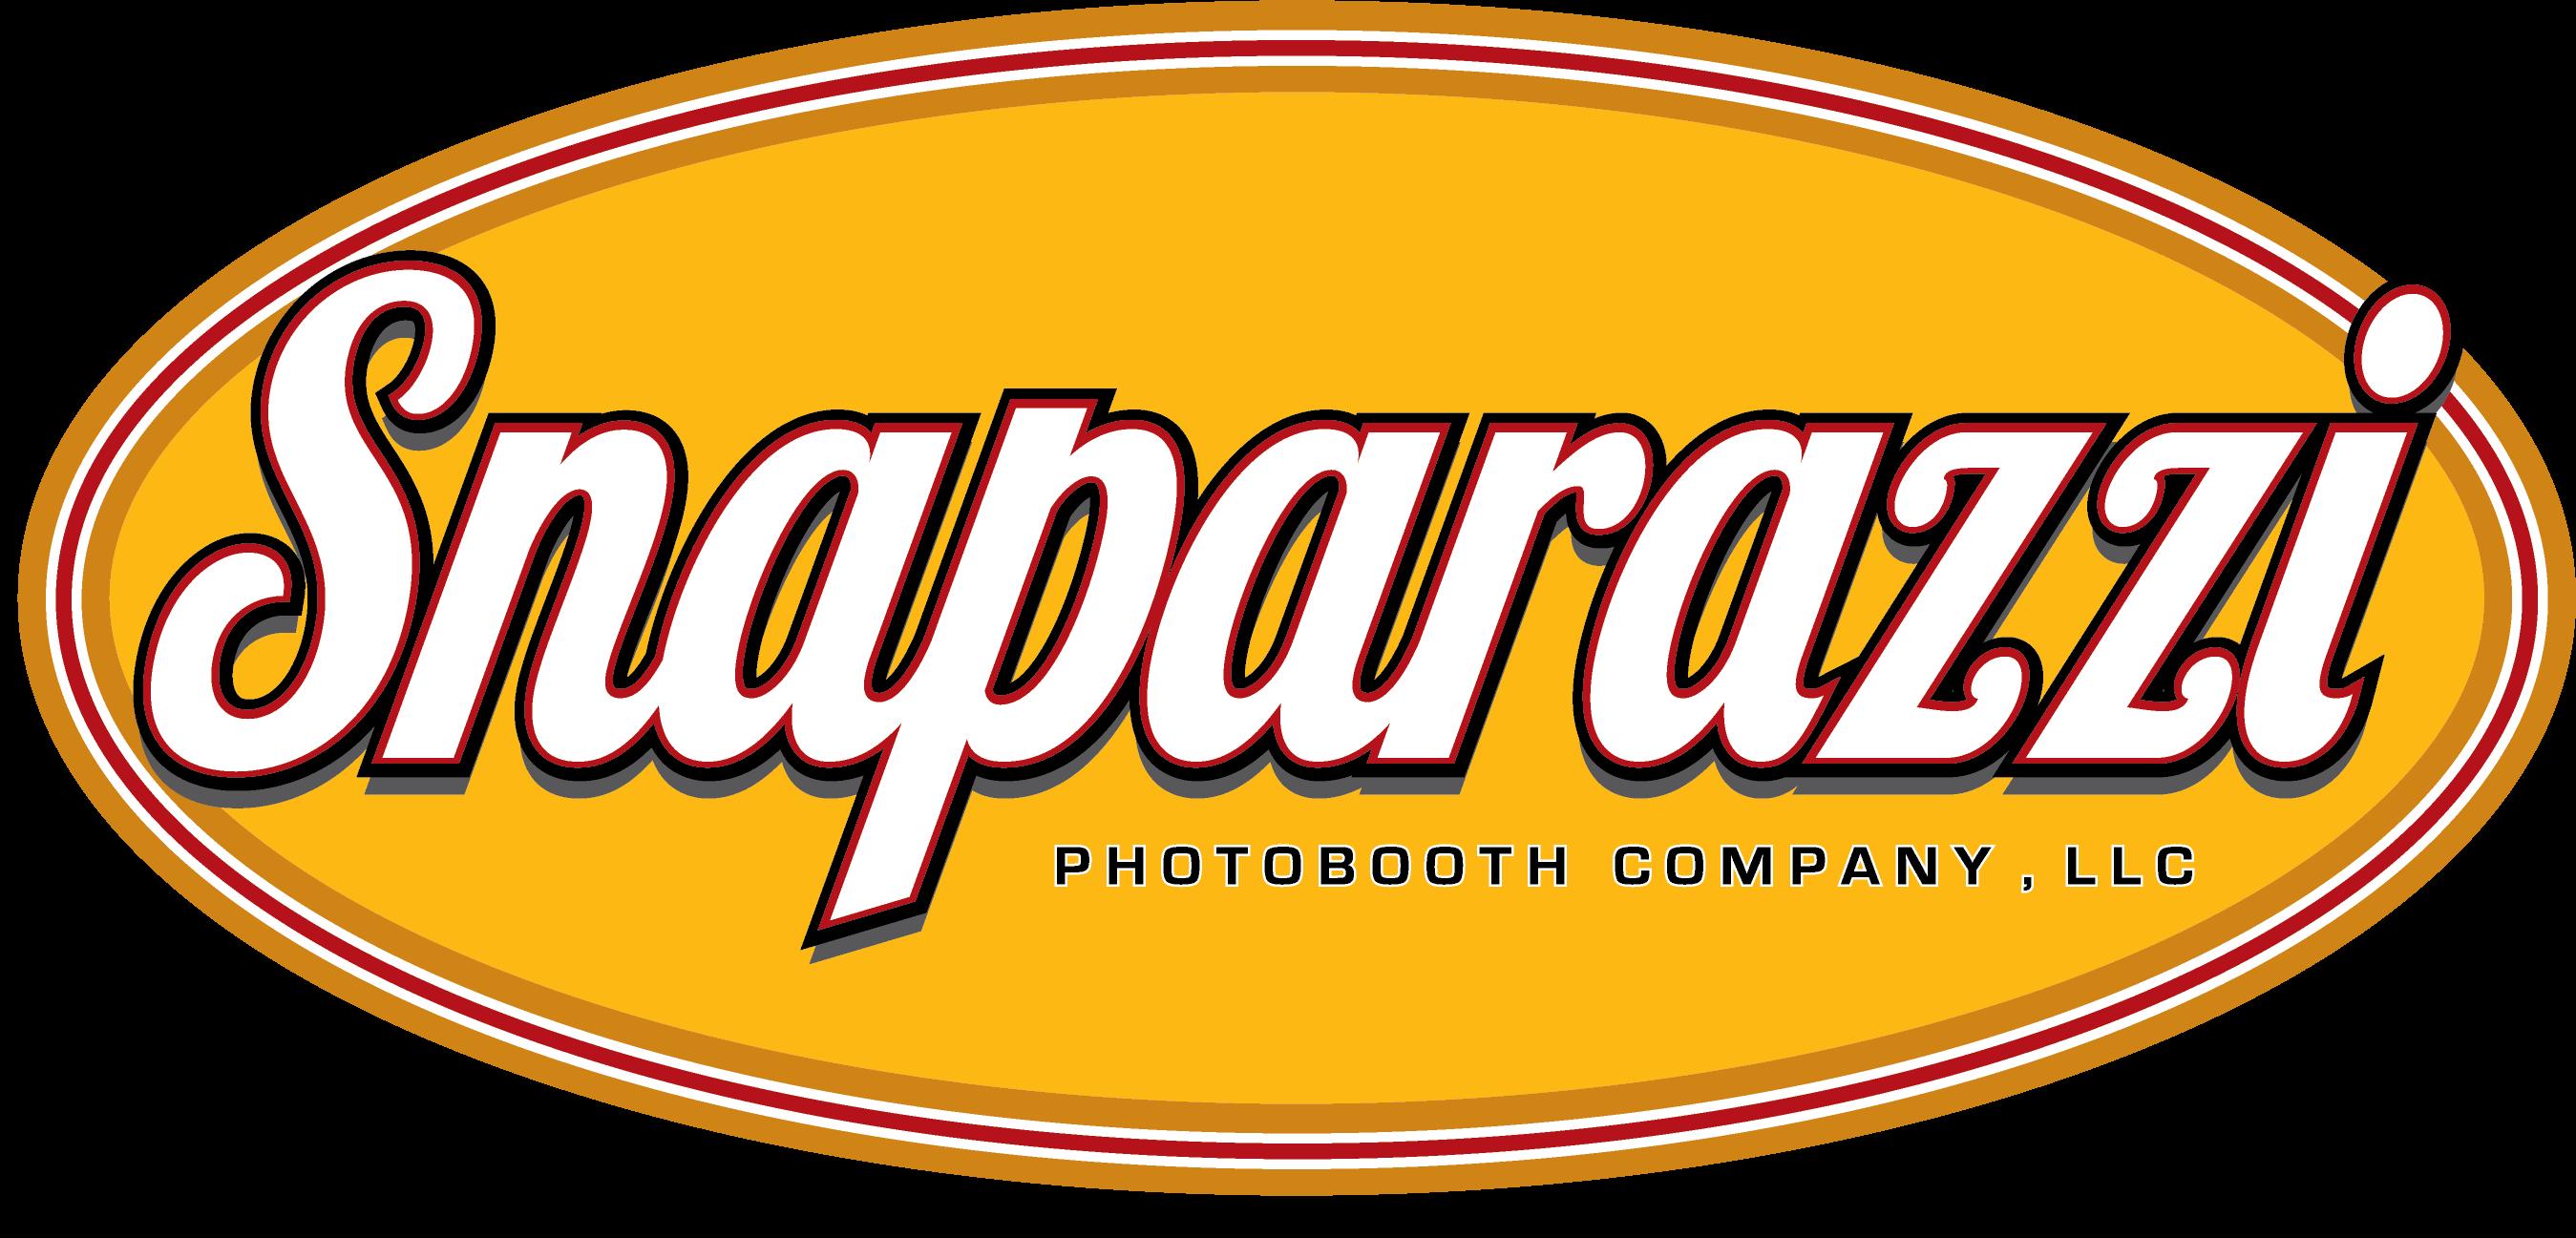 Snaparazzi Photobooth Company